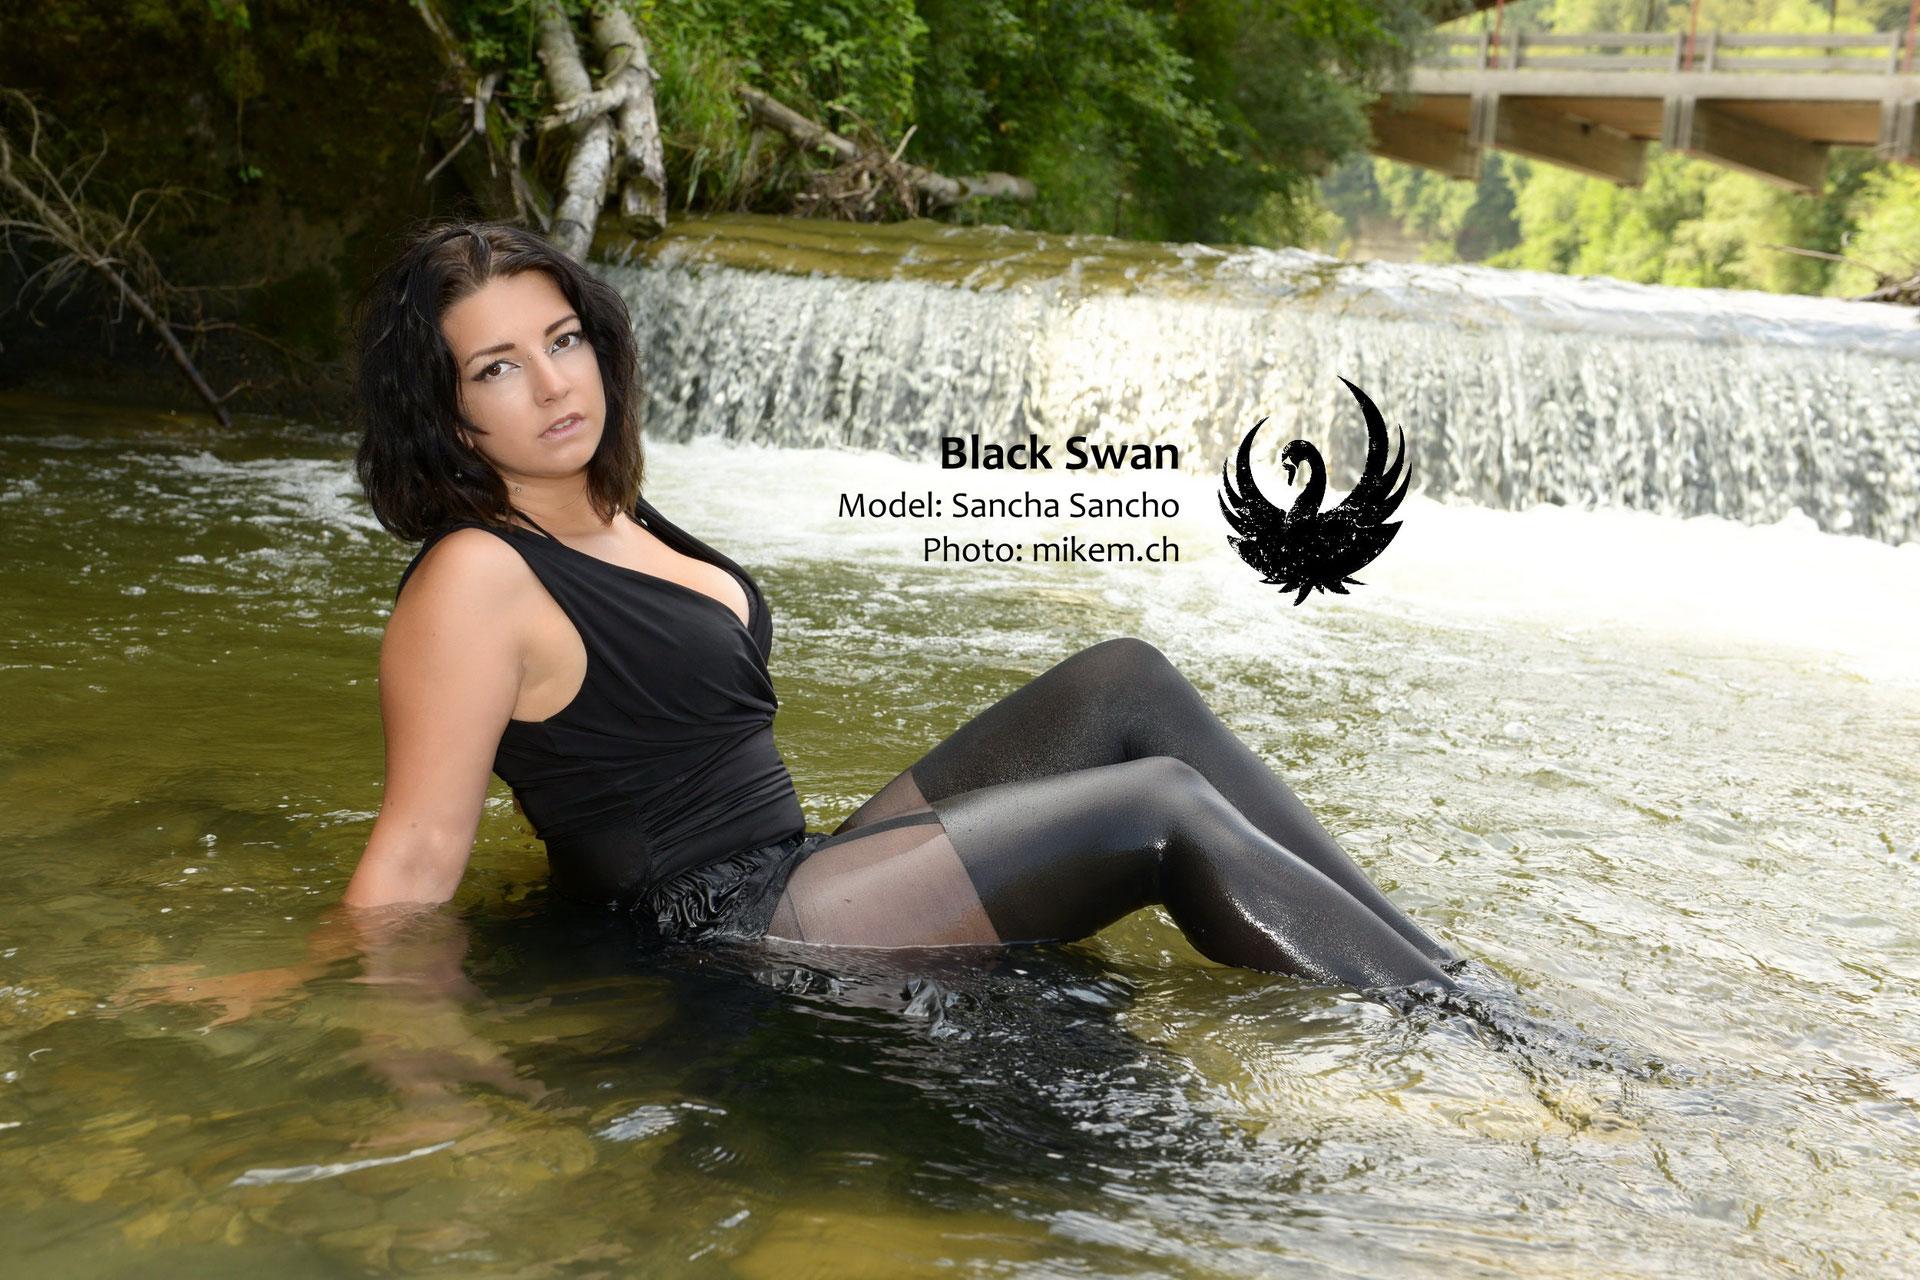 Black Swan Wetlook - Fotograf Mikem Bern - Fotoshooting